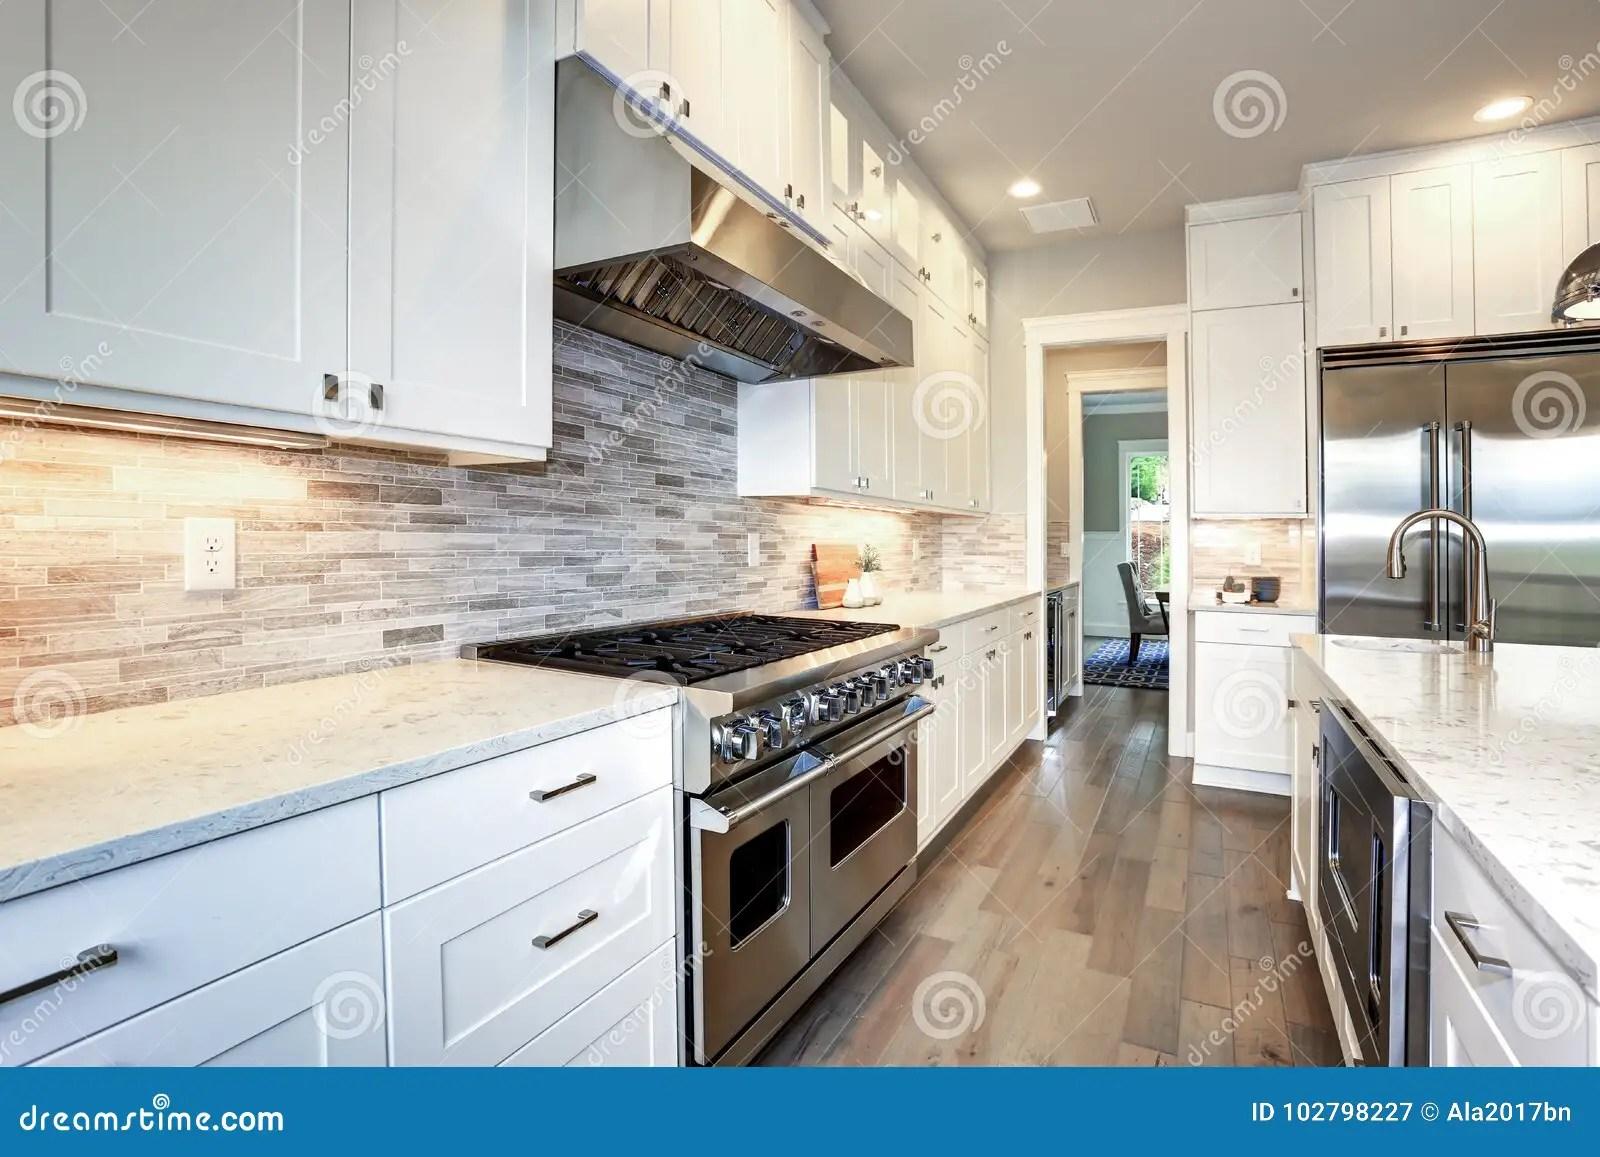 large kitchen pantry tall cabinet with doors 有大厨房的豪华白色厨房库存图片 图片包括有平面 任何地方 发光 房子 与白色振动器内阁的惊人的白色厨房设计与白色和灰色大理石柜台 大白色厨房半岛和高端不锈钢装置配对了